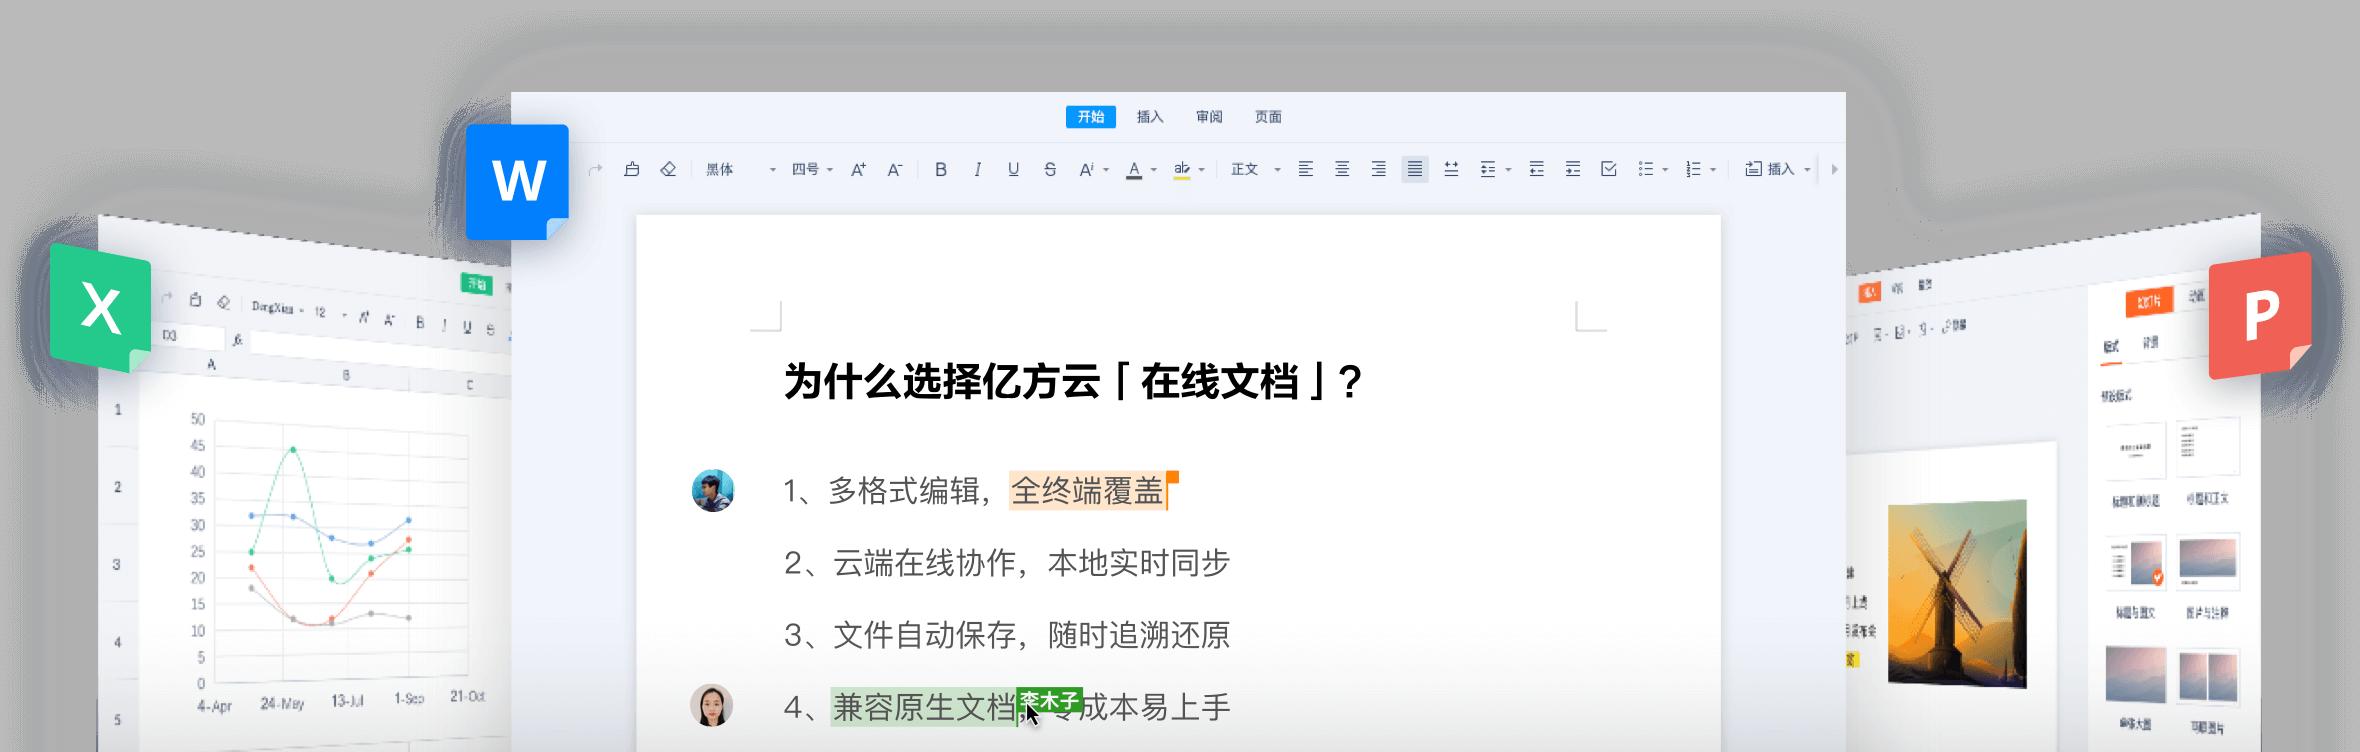 5、亿方云企业网盘:在线编辑